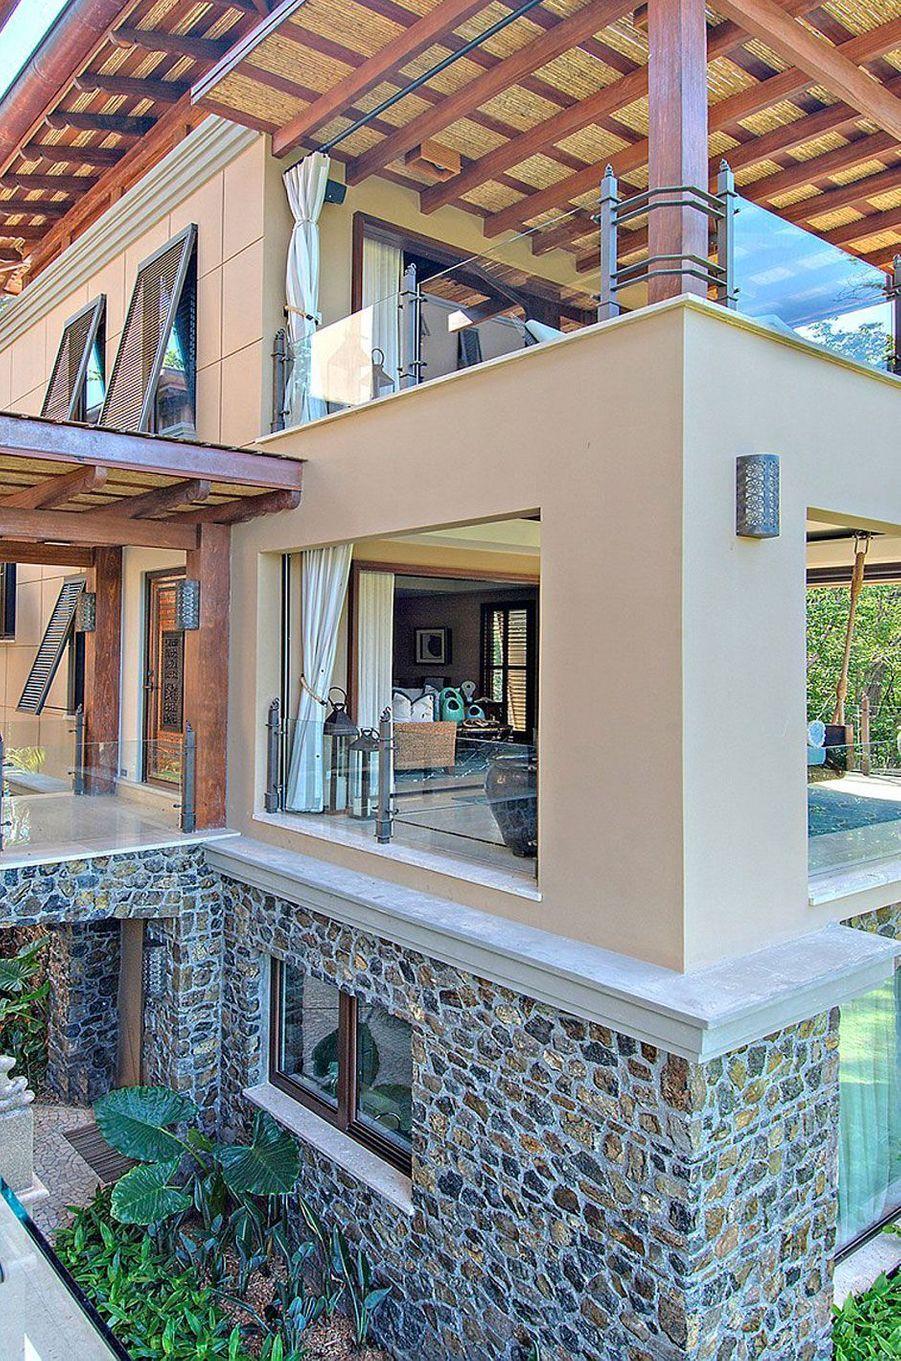 La famille Kardashian était en vacances au Costa Rica dans cette maison